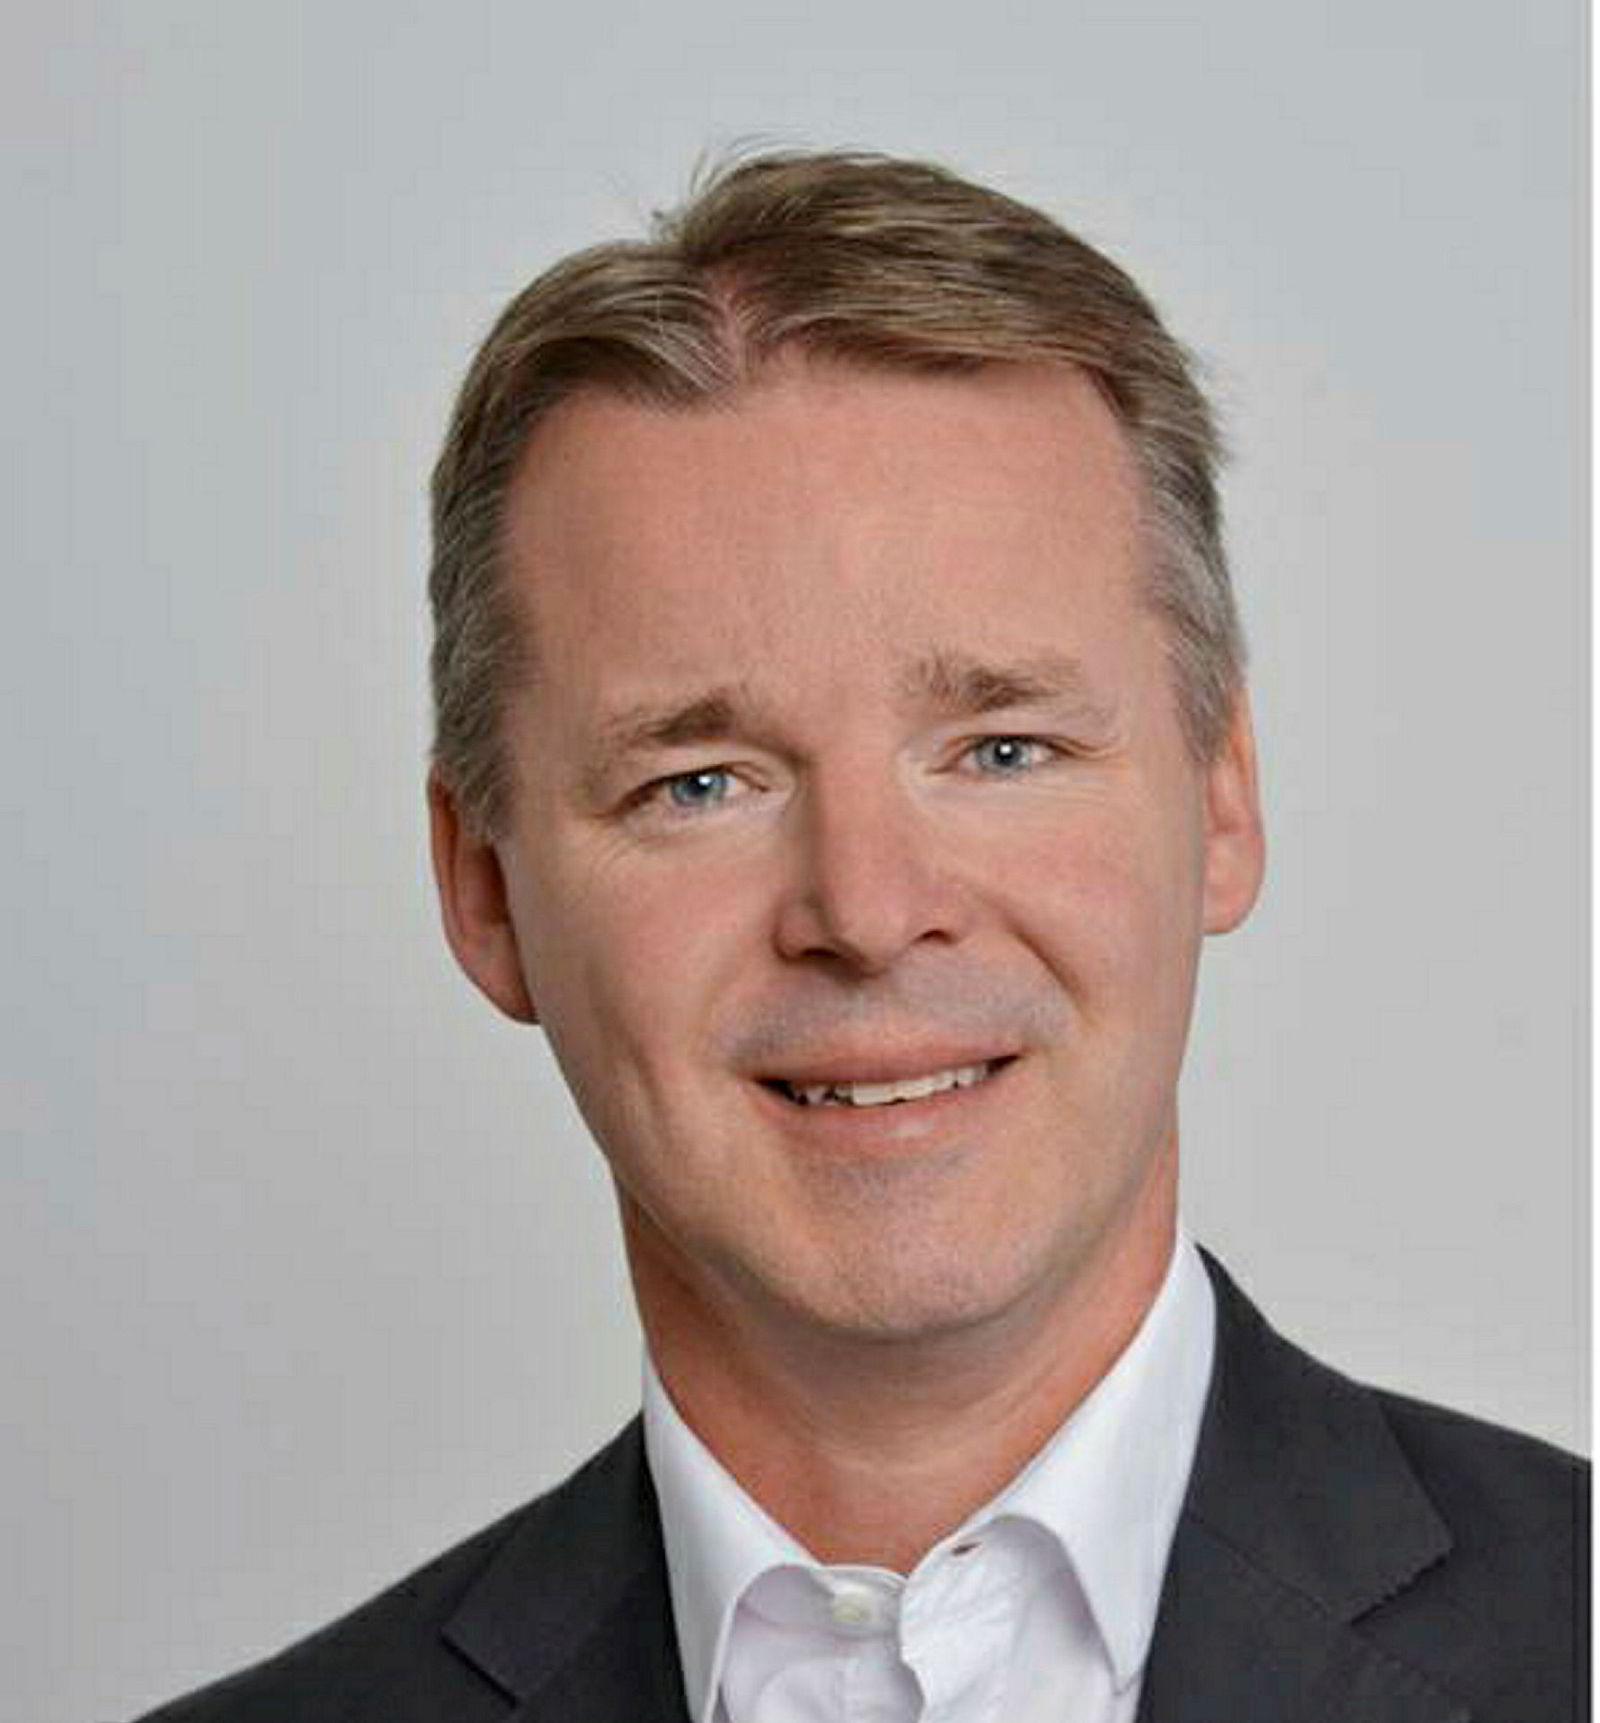 Fredrik Åtting er partner i EQT Partners.